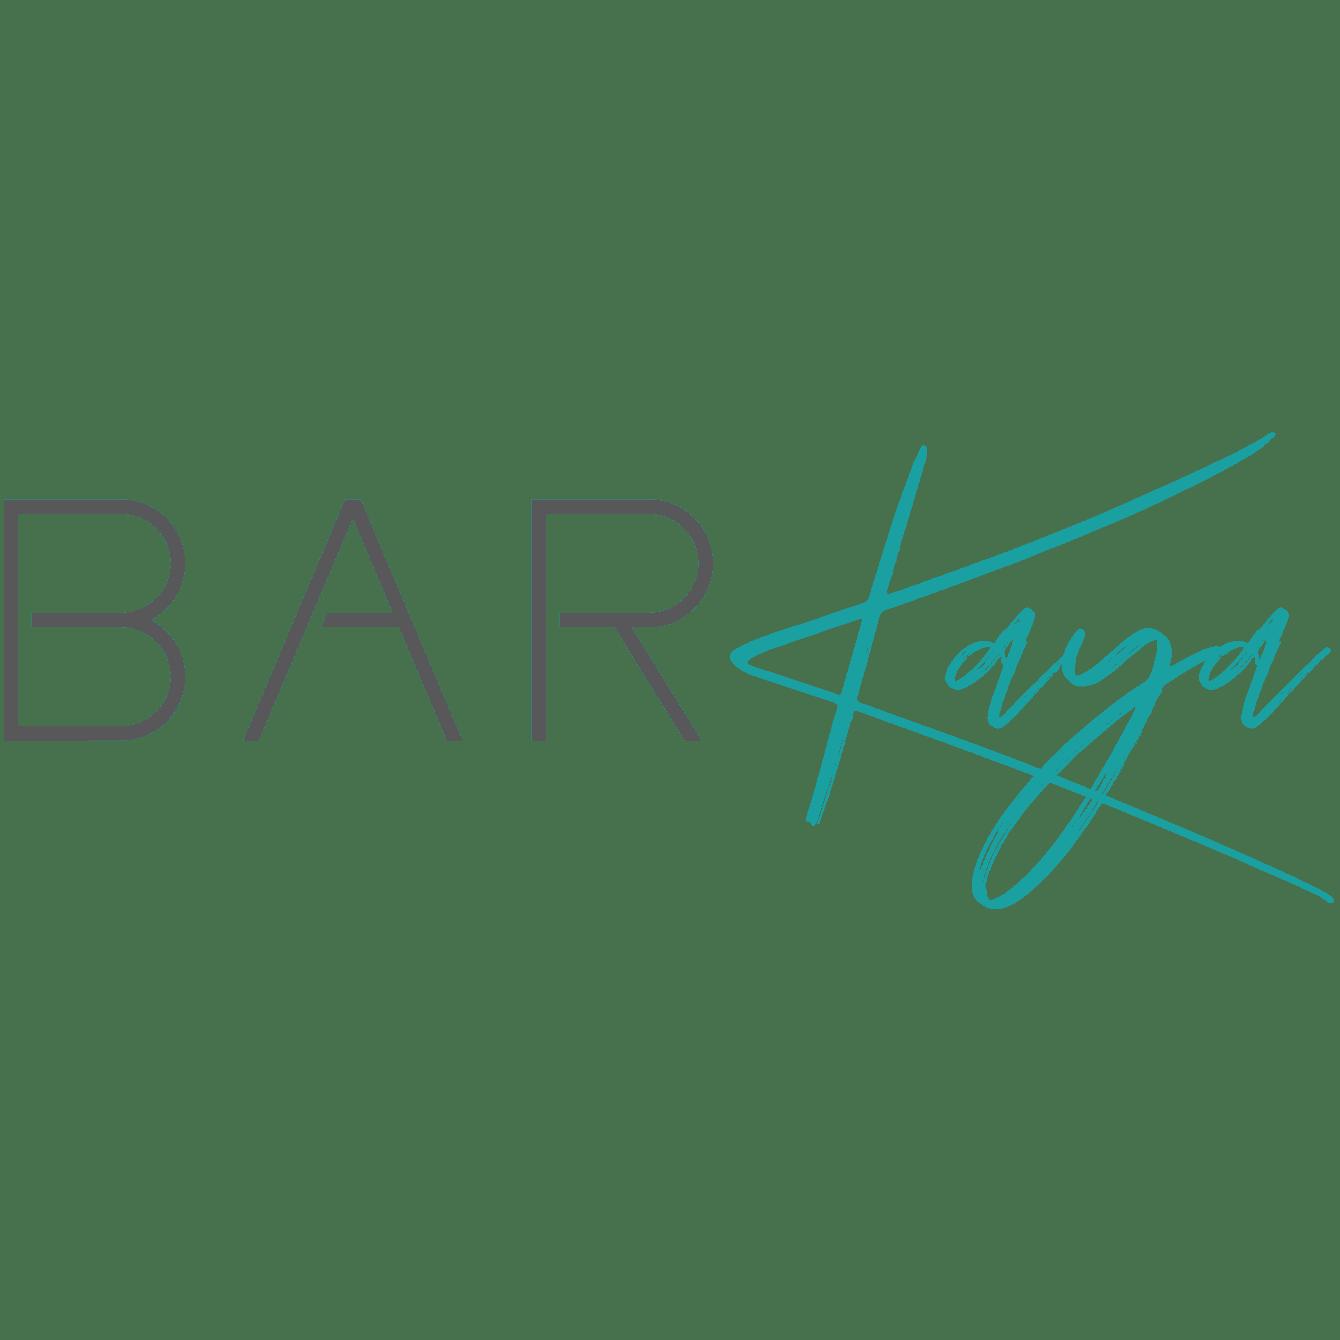 Bar Kaya logo design and branding by DIF Design